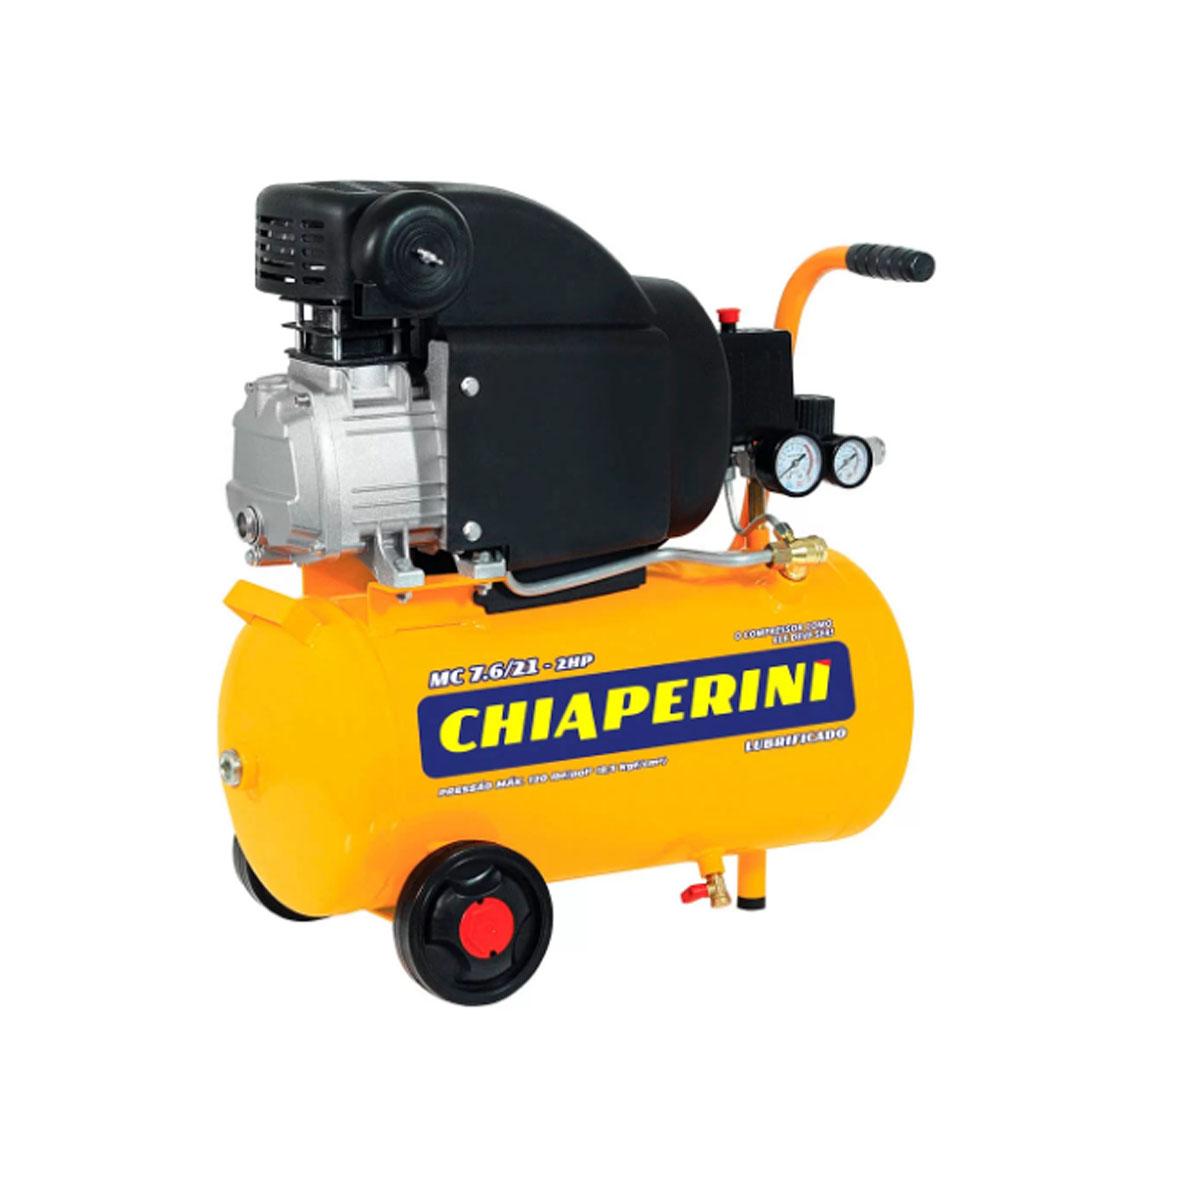 Motocomp. 7.6/21L 2HP-220V Sem Kit Chiaperini